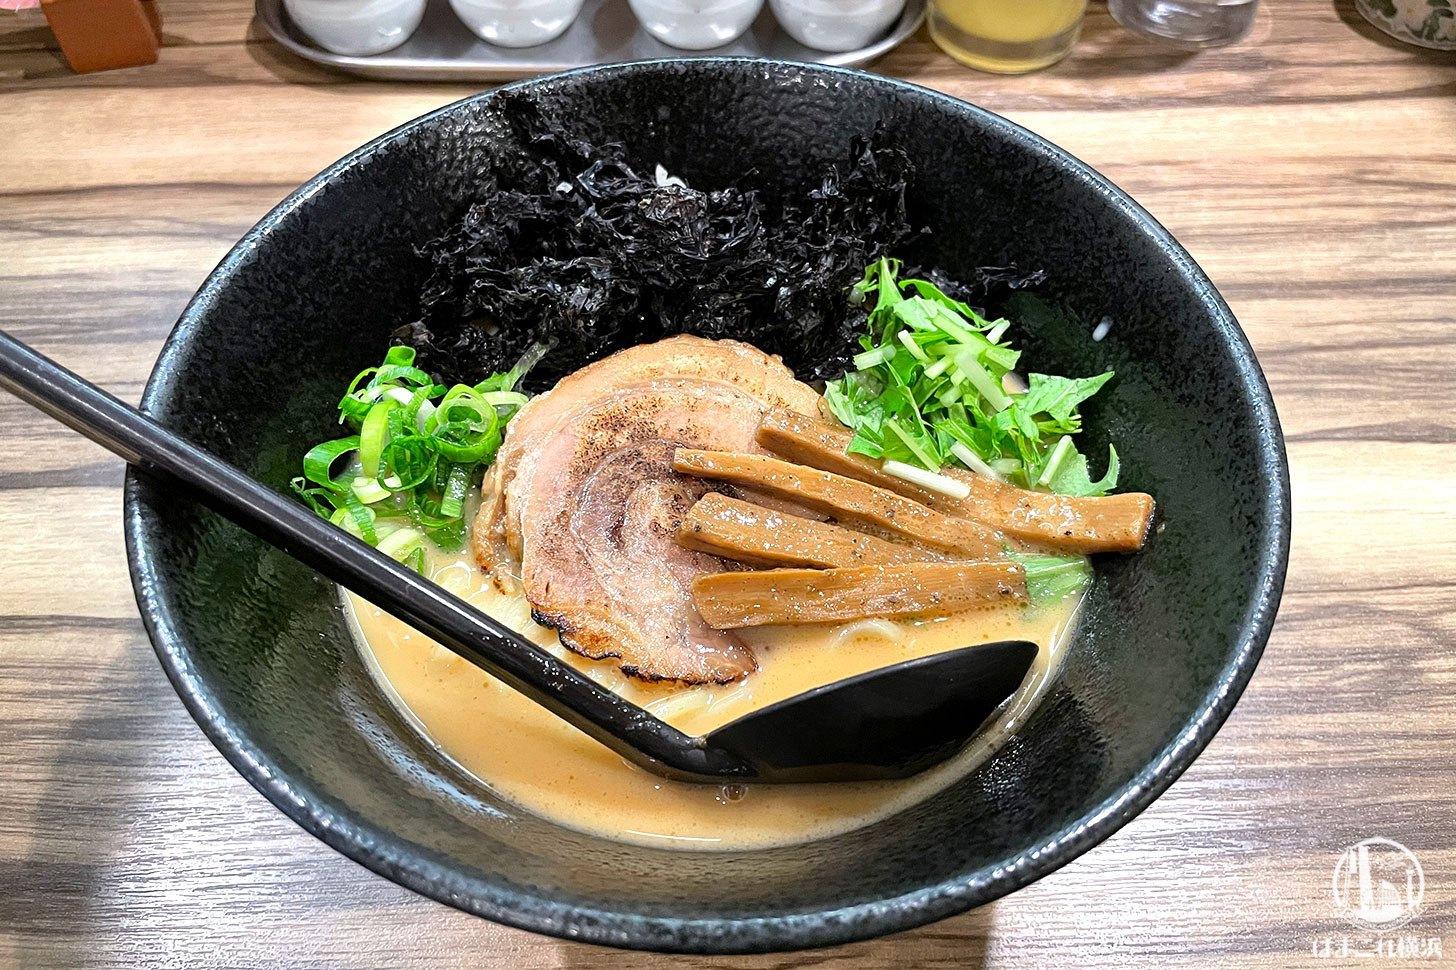 麺や「ふくわらい」豚骨かつおラーメン実食!素材の掛け算も魅力の横浜鶴見ラーメン店